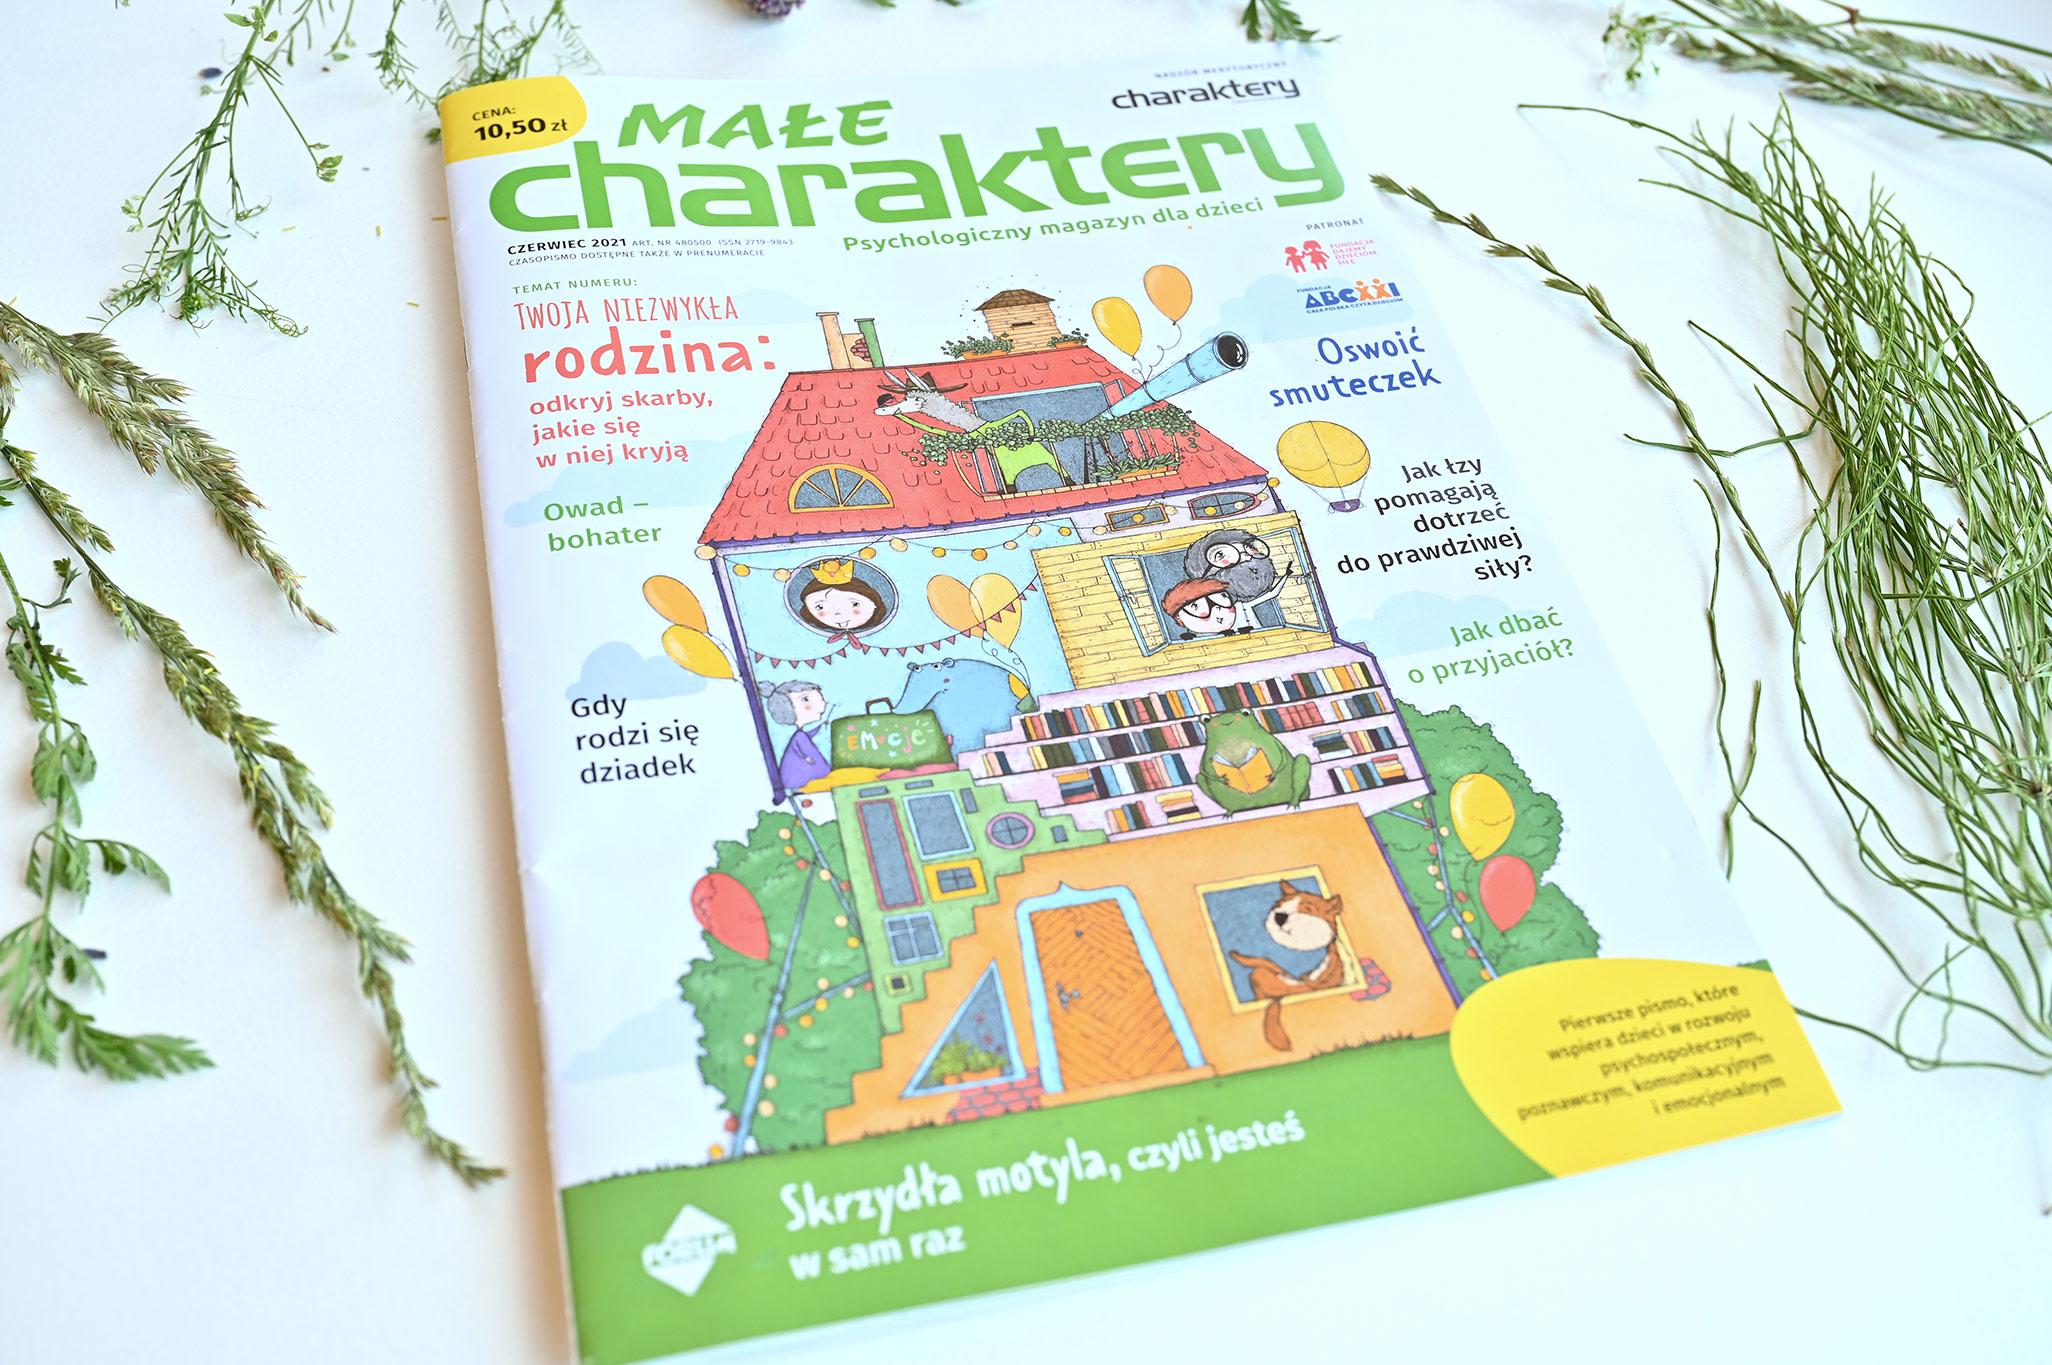 Małe Charaktery magazyn psychologiczny dla dzieci, czasopismo dla dzieci